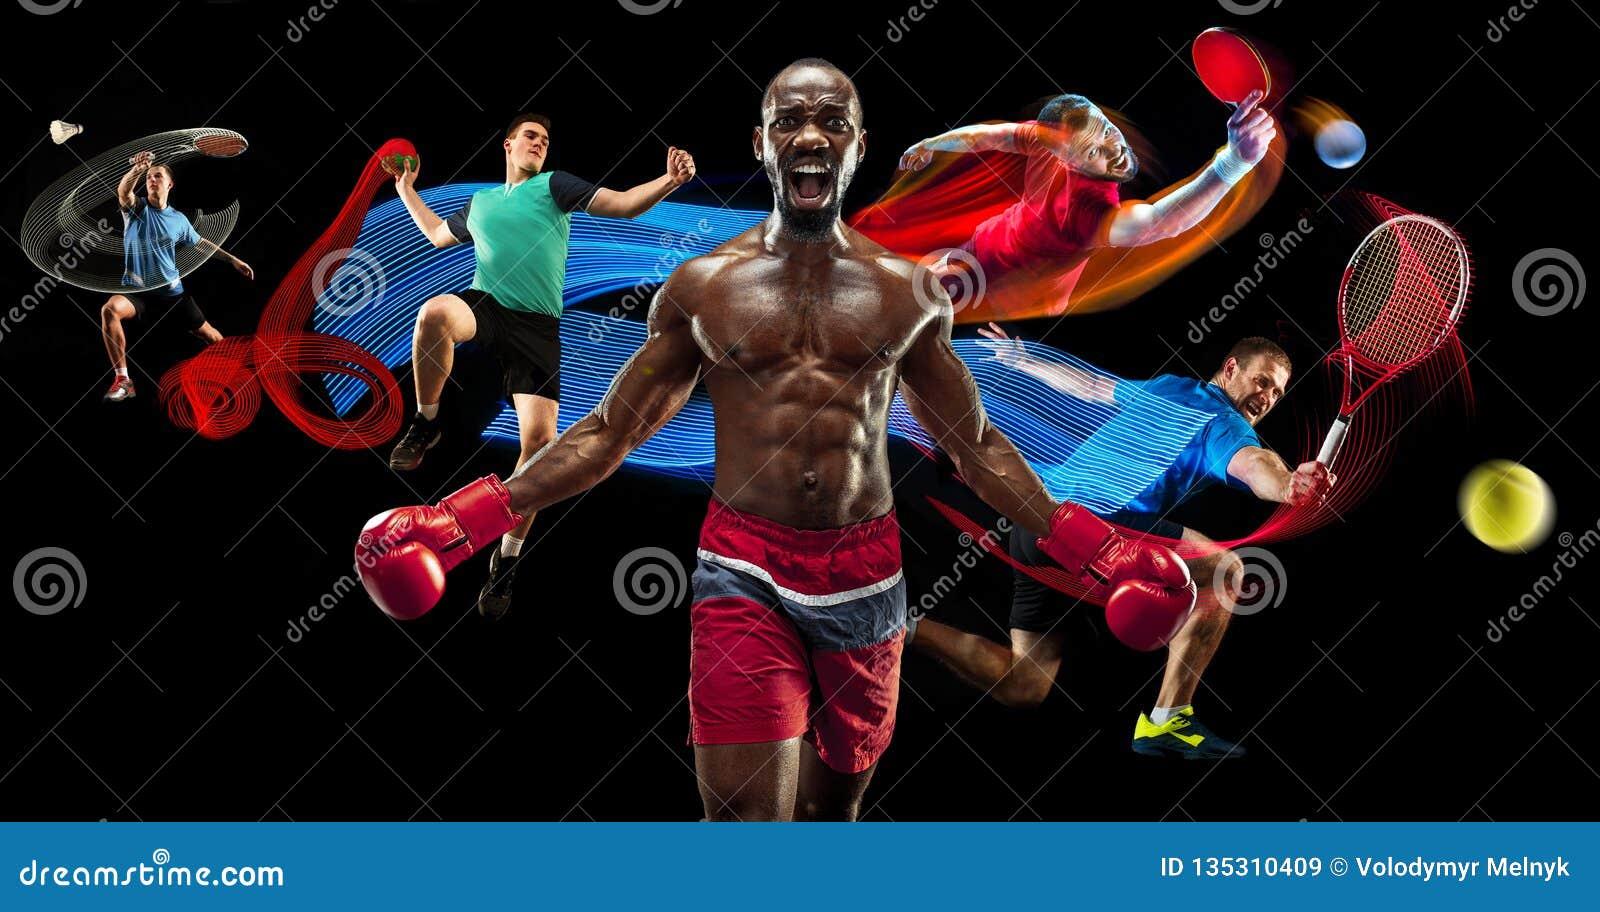 Angriff Sportcollage über Badminton-, Tennis-, Verpacken- und Handballspieler